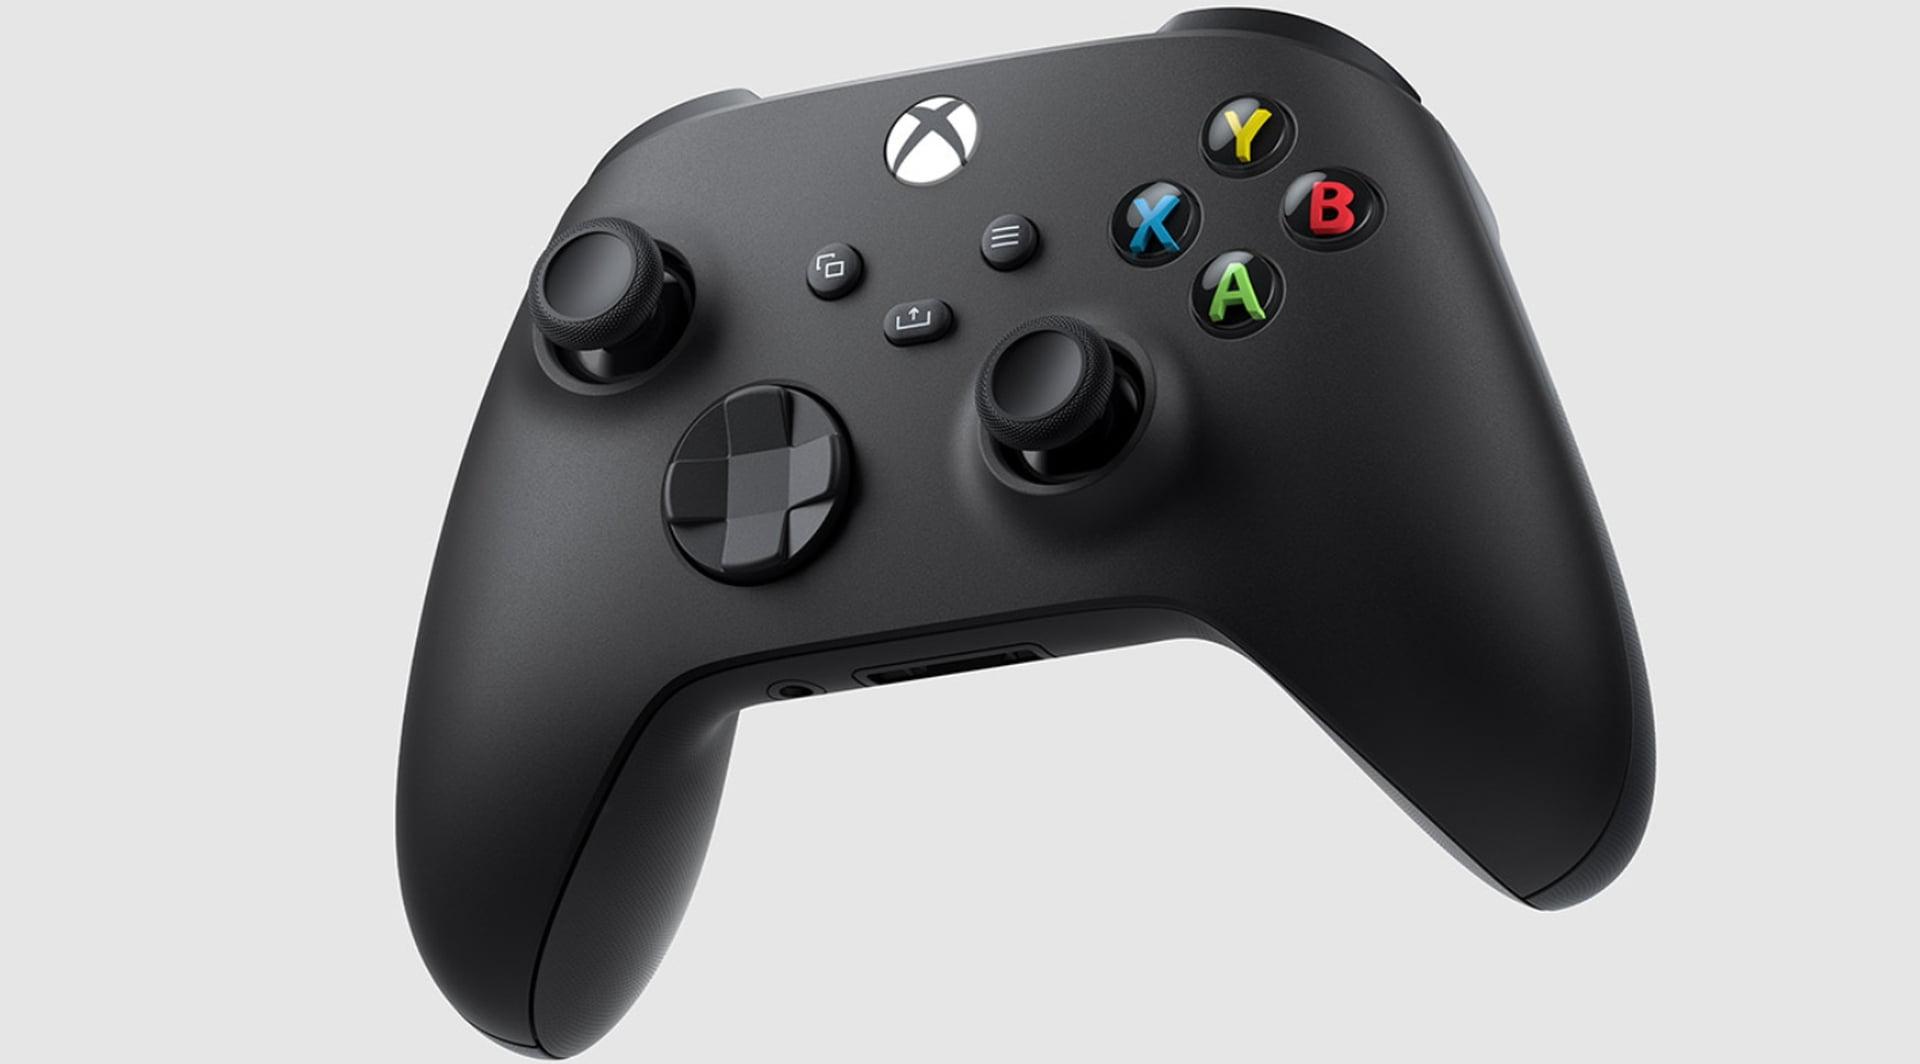 Kontroler z Xbox'a Series X ma być kompatybilny z urządzeniami Apple